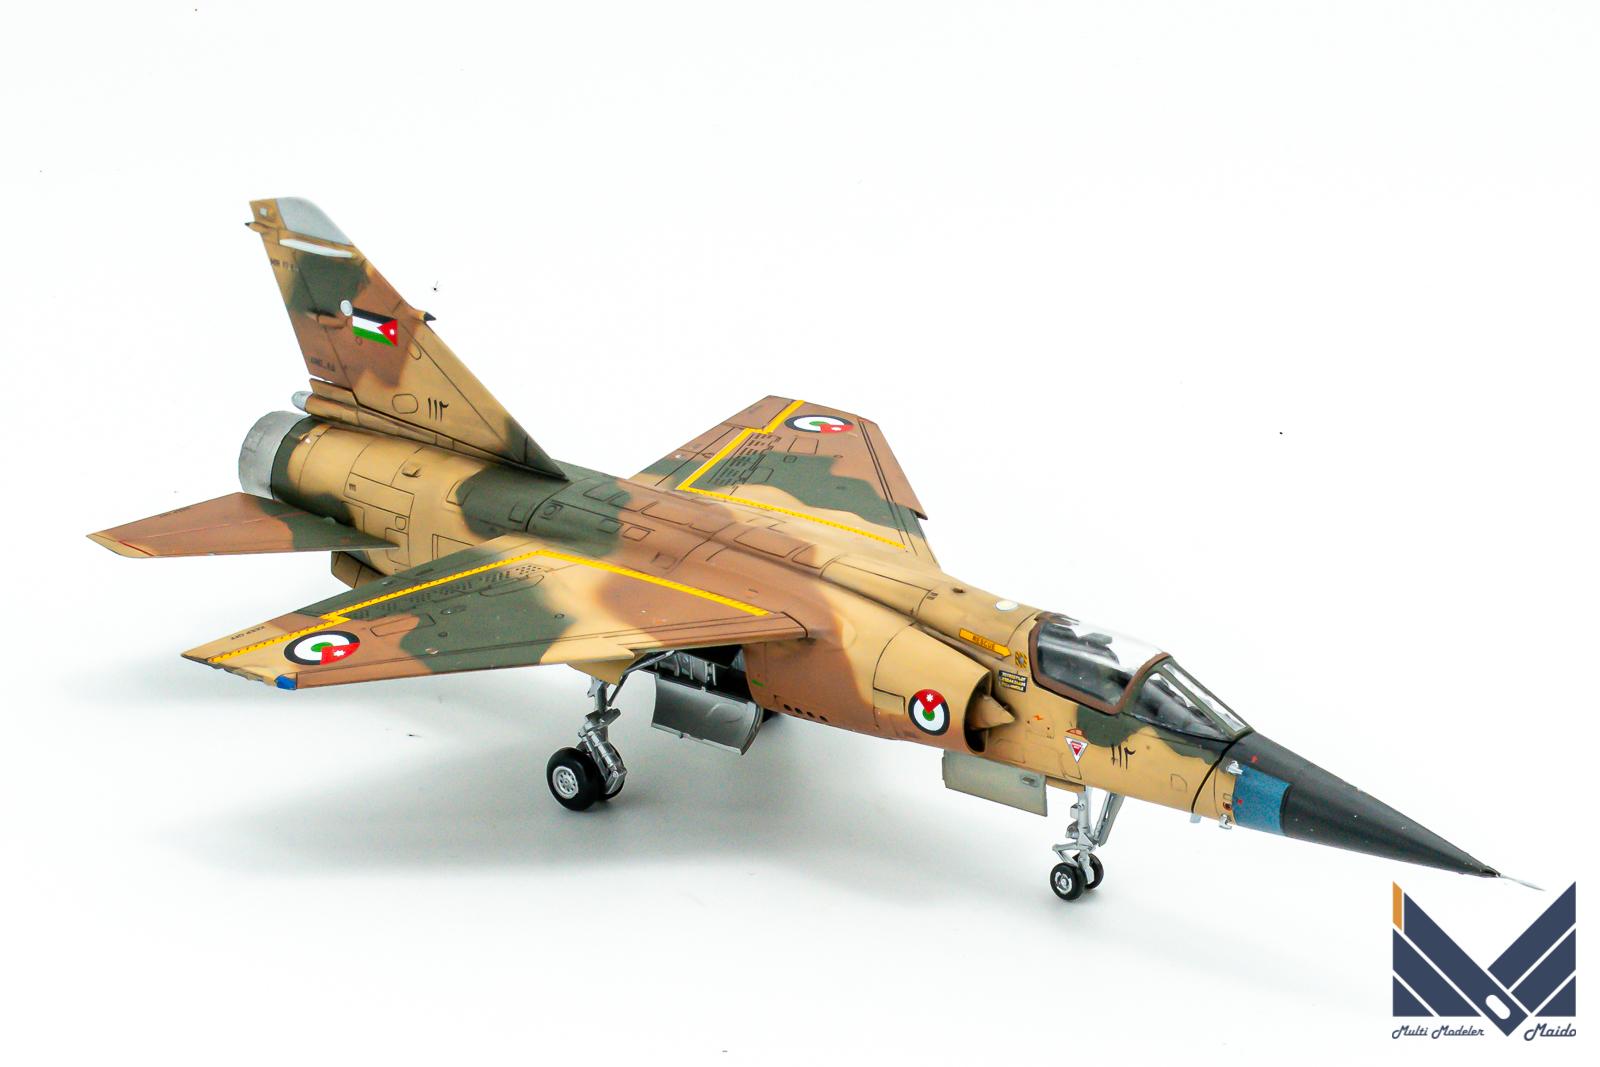 スペシャルホビー 1/72 ミラージュF1 プラモデル ヨルダン空軍 完成品